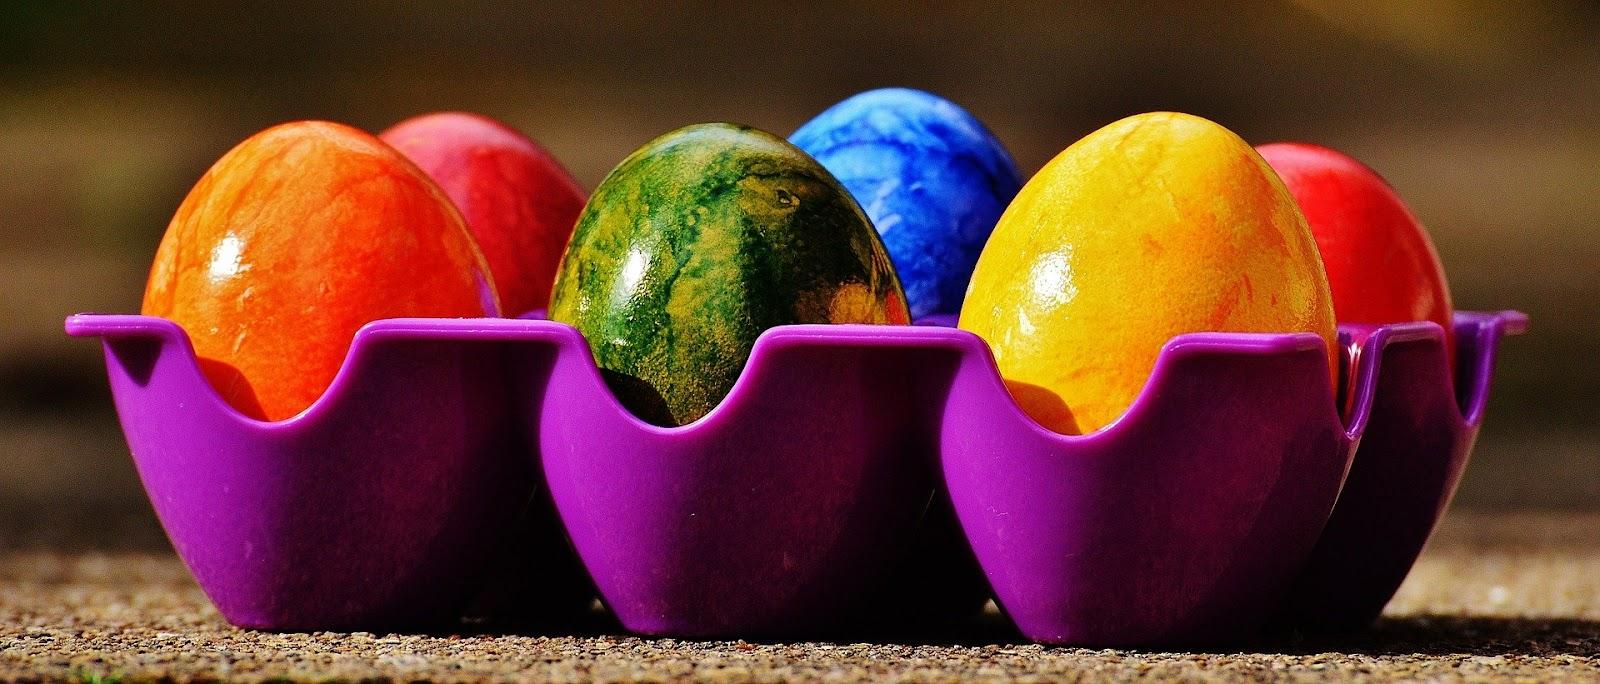 Ceci est une image d'une boite de six œufs peints pour Pâques